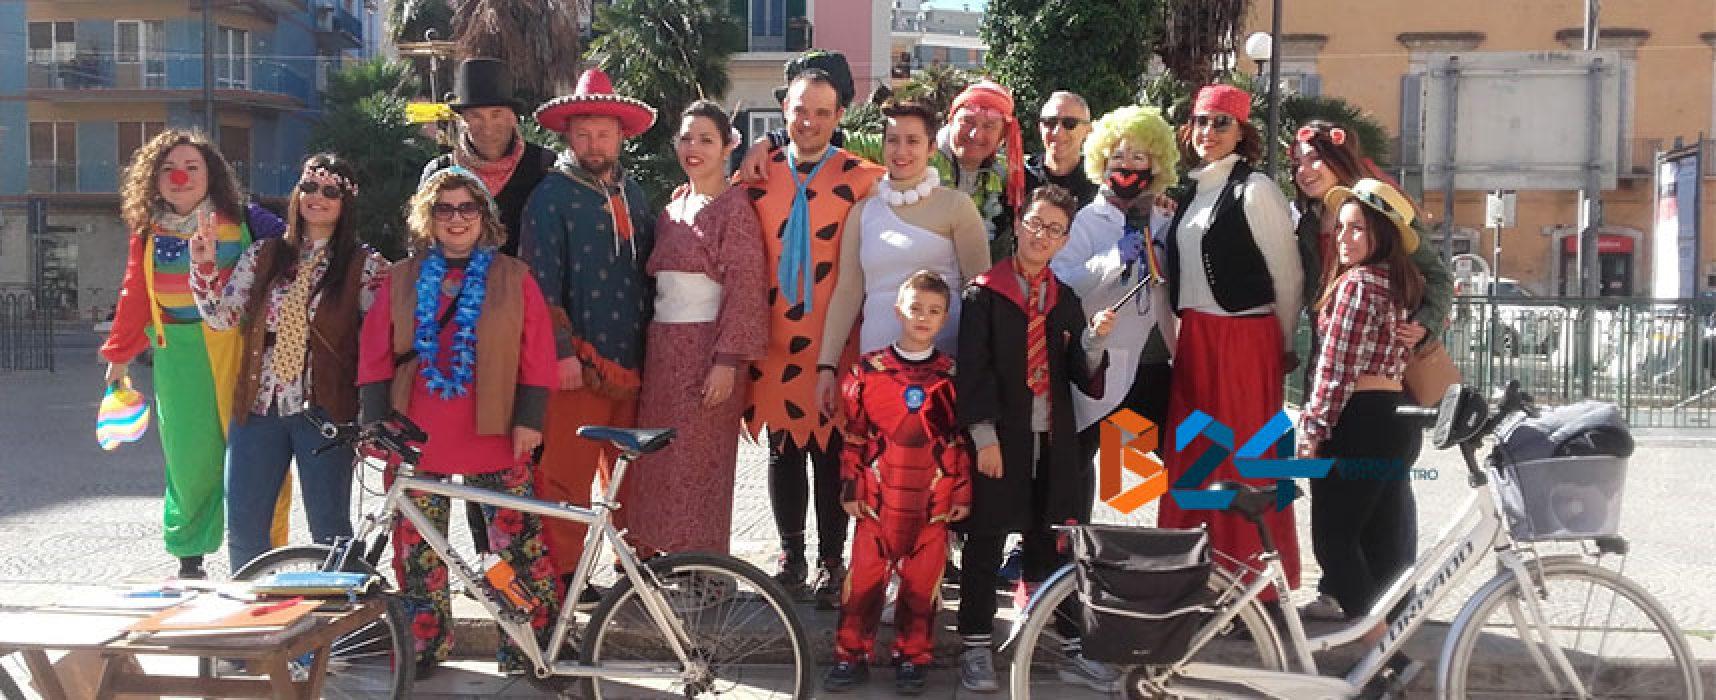 Colori e tradizioni in sella per la biciclettata in maschera a Bisceglie / FOTO